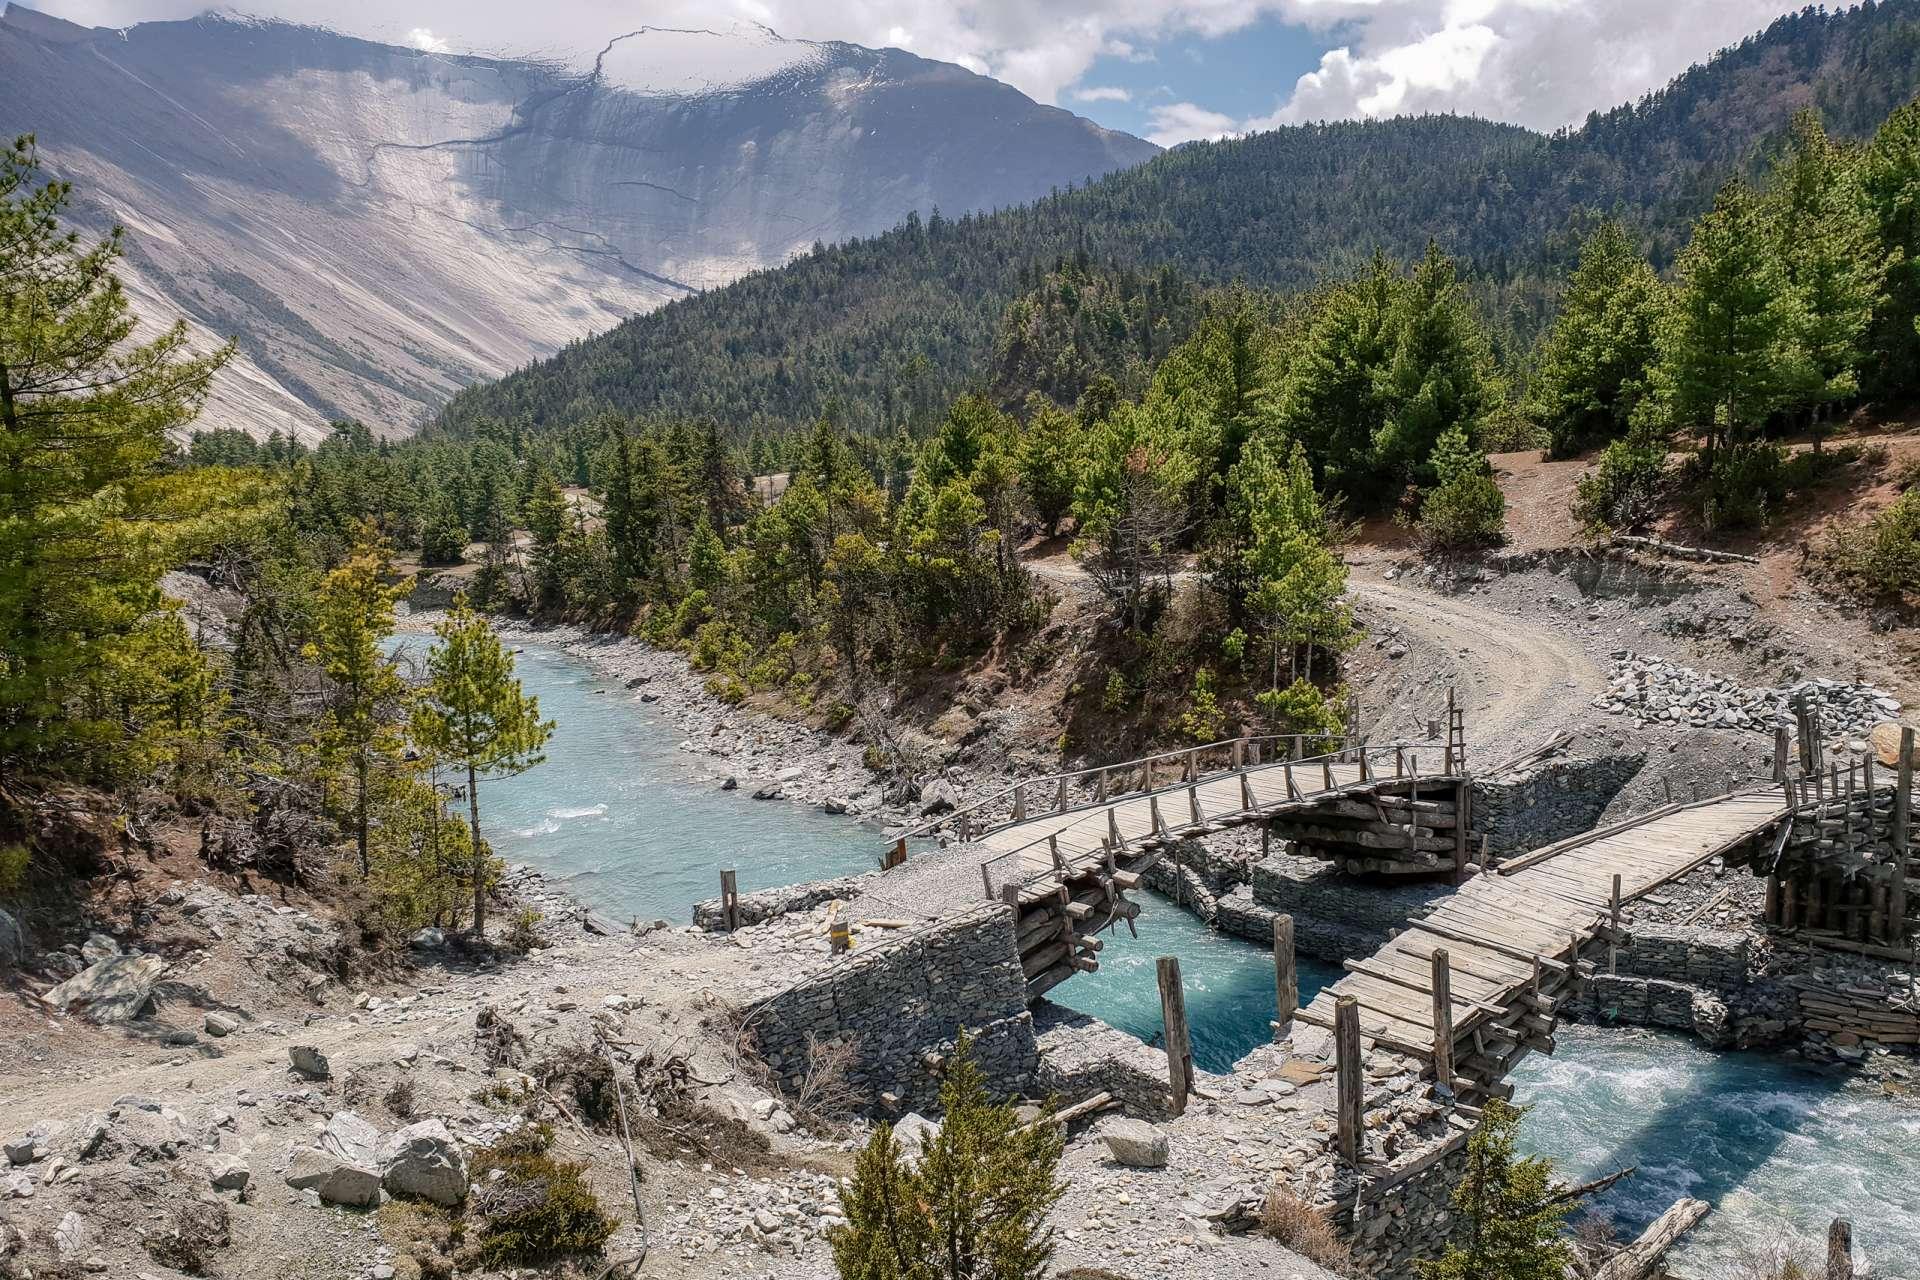 Nepal Annapurna Circuit trekking river bridge